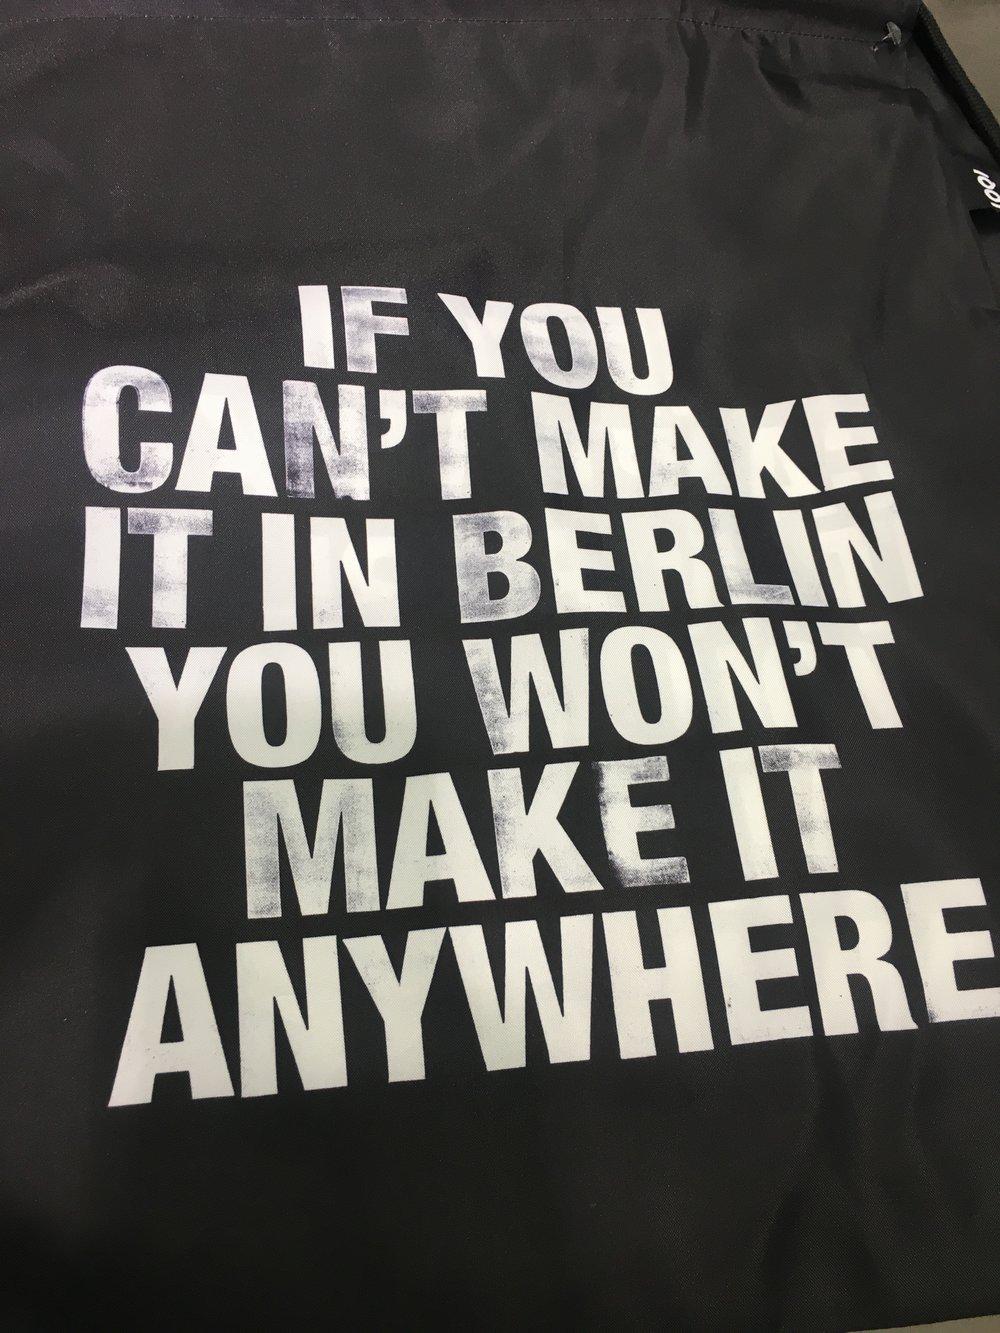 Hahahaha! Nesse mundo onde é tudo é tão difícil, tem coisa mais legal que ser uma cidade fácil?